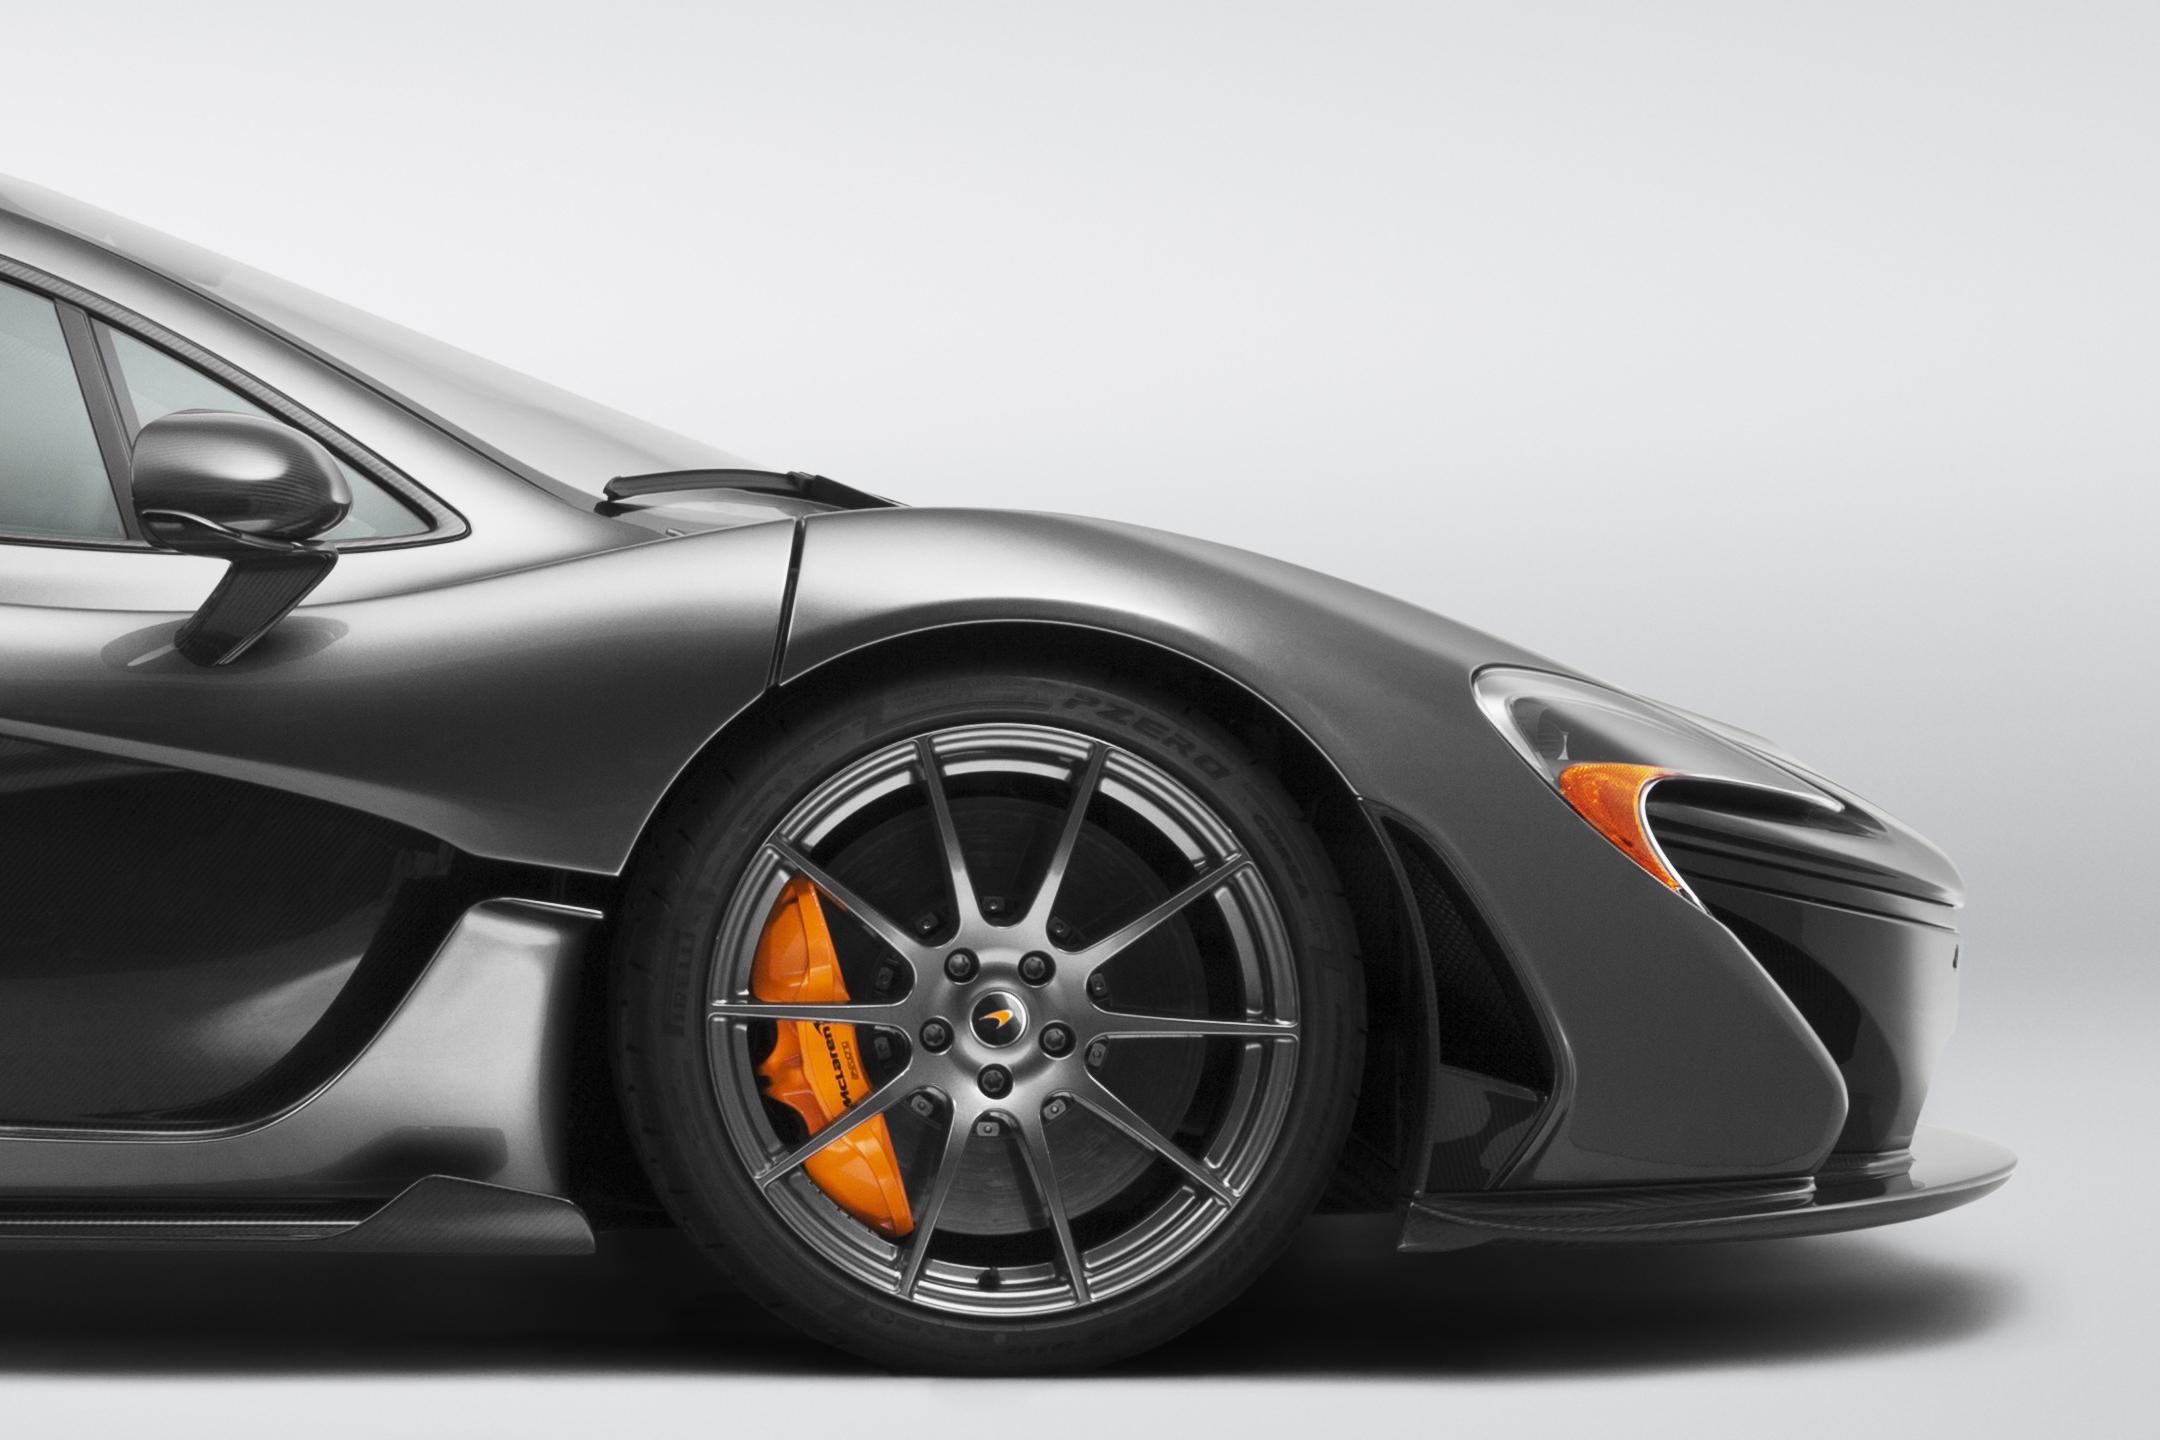 McLaren P1 MSO - 2015 - front wheel / jante avant